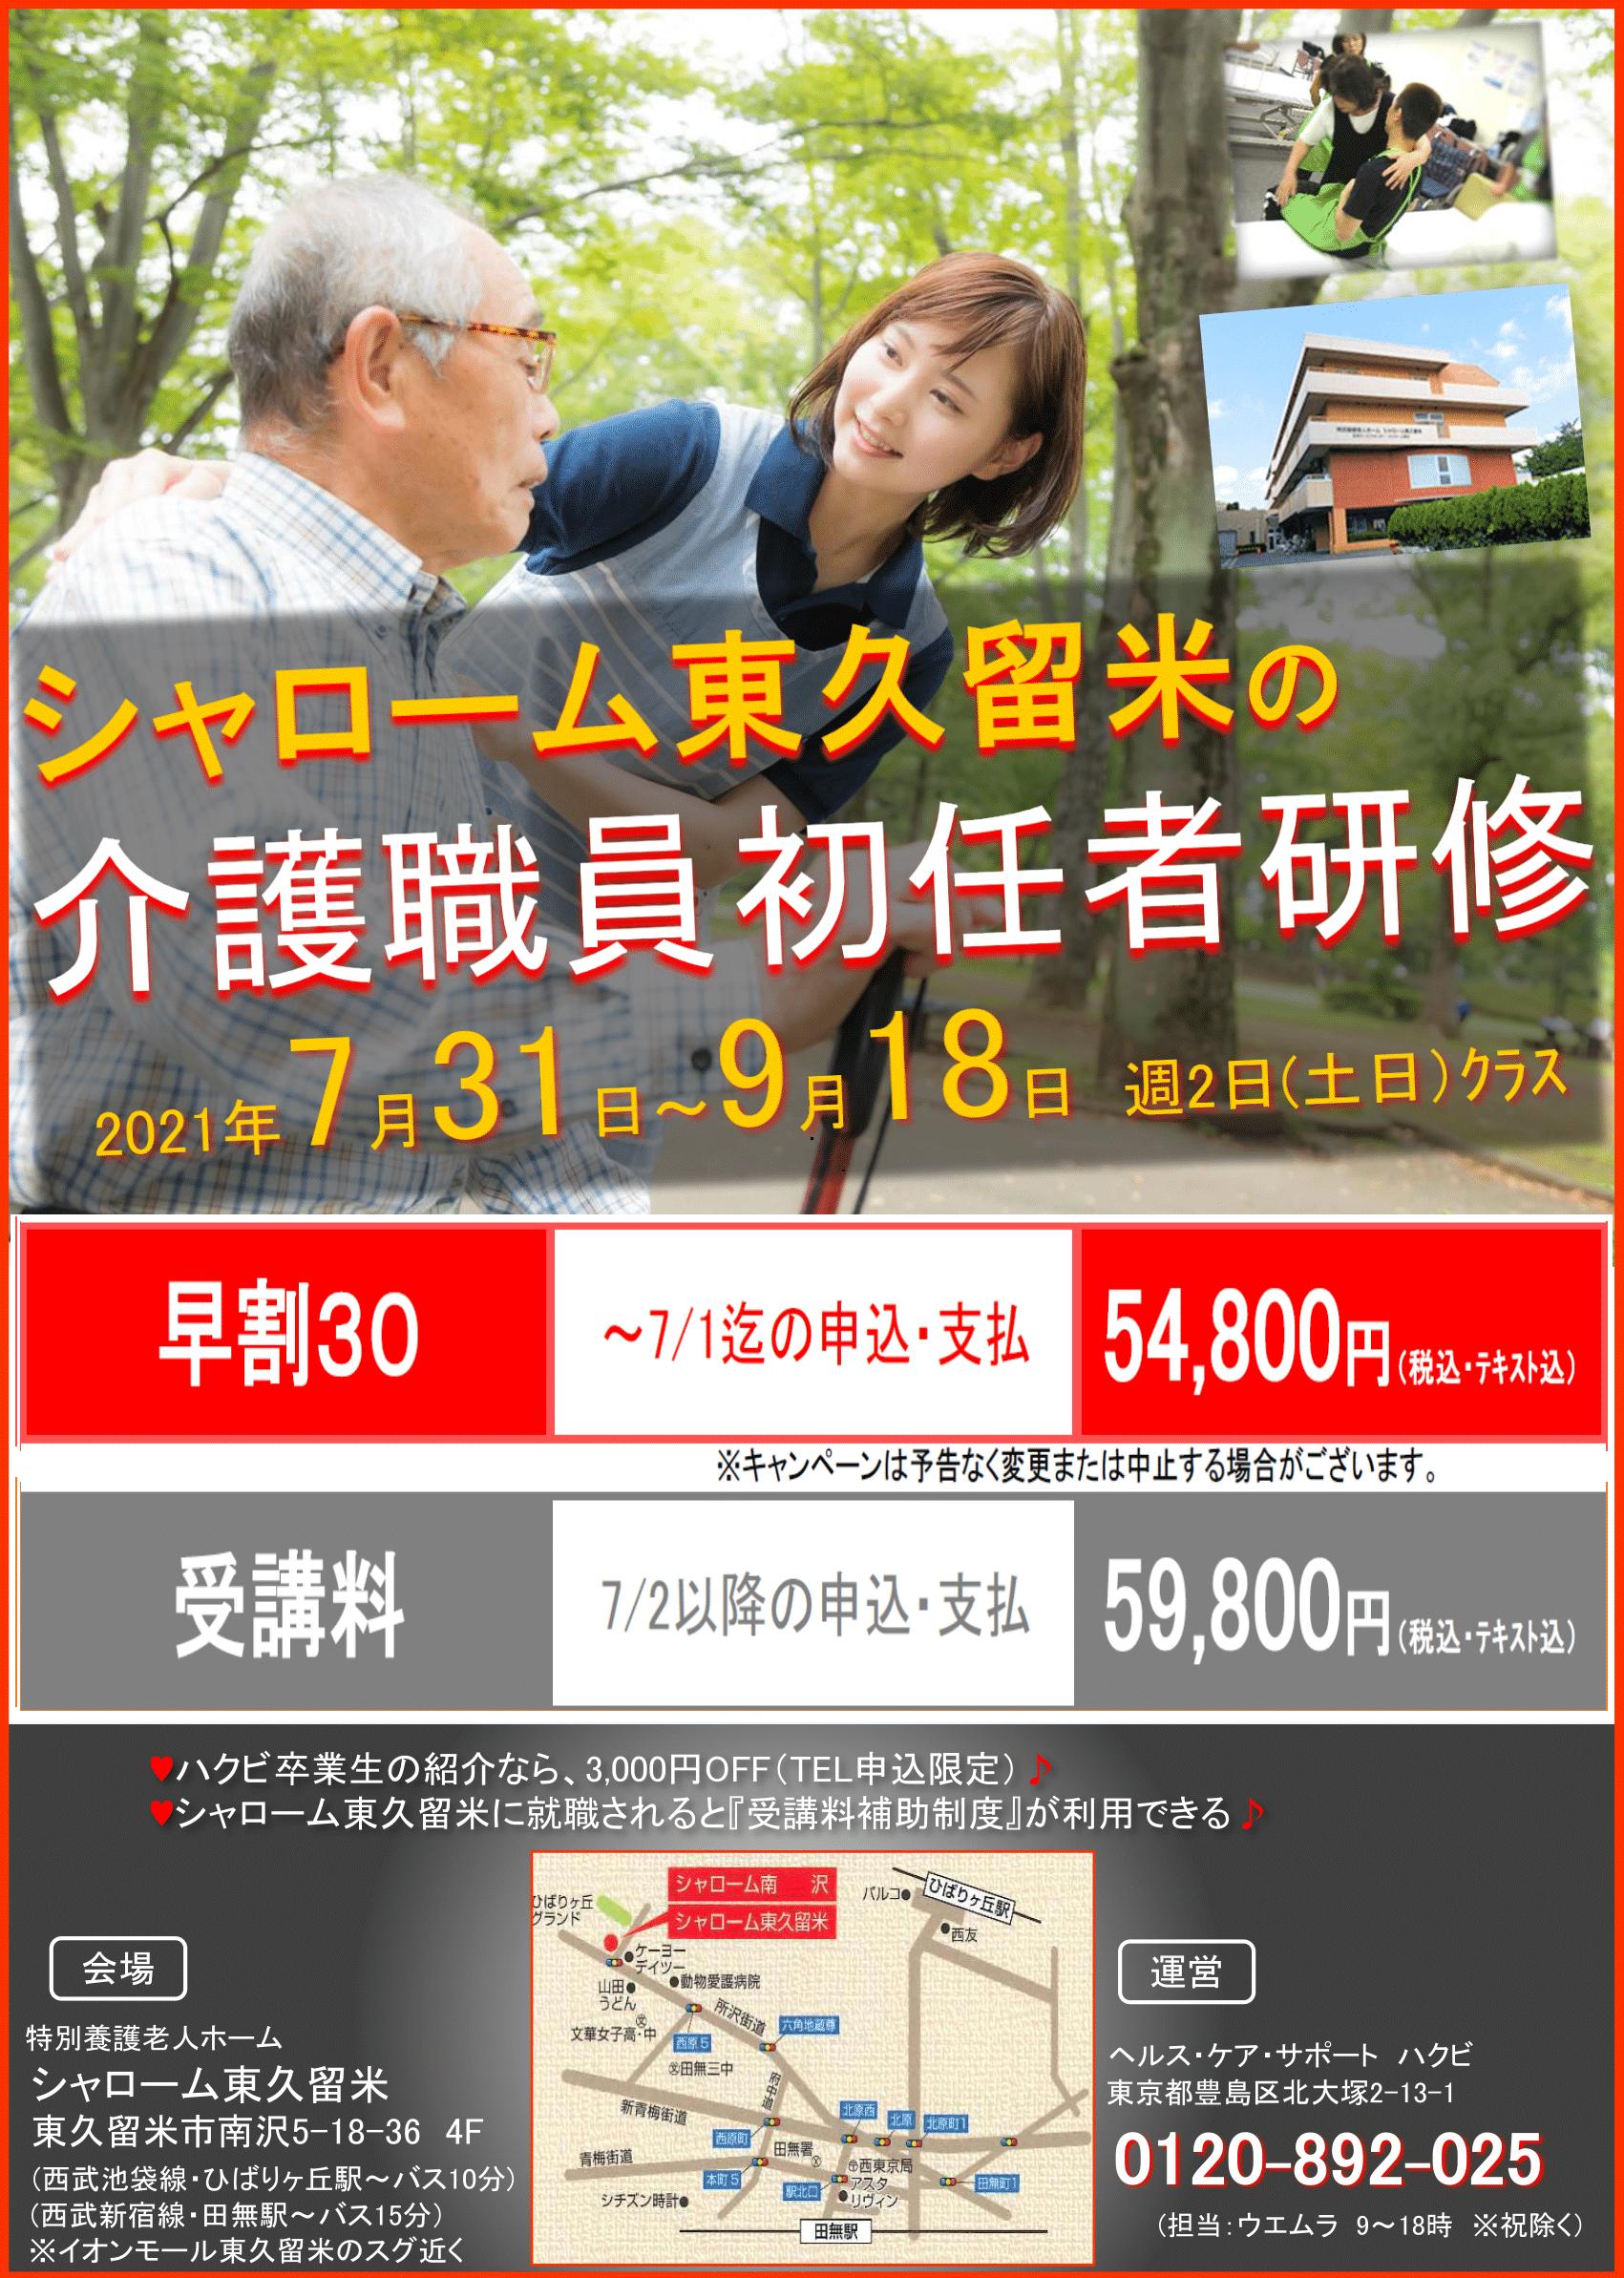 蛻昜ササ閠・比ソョ・医ワ繧ッ繝難シ・10414-1